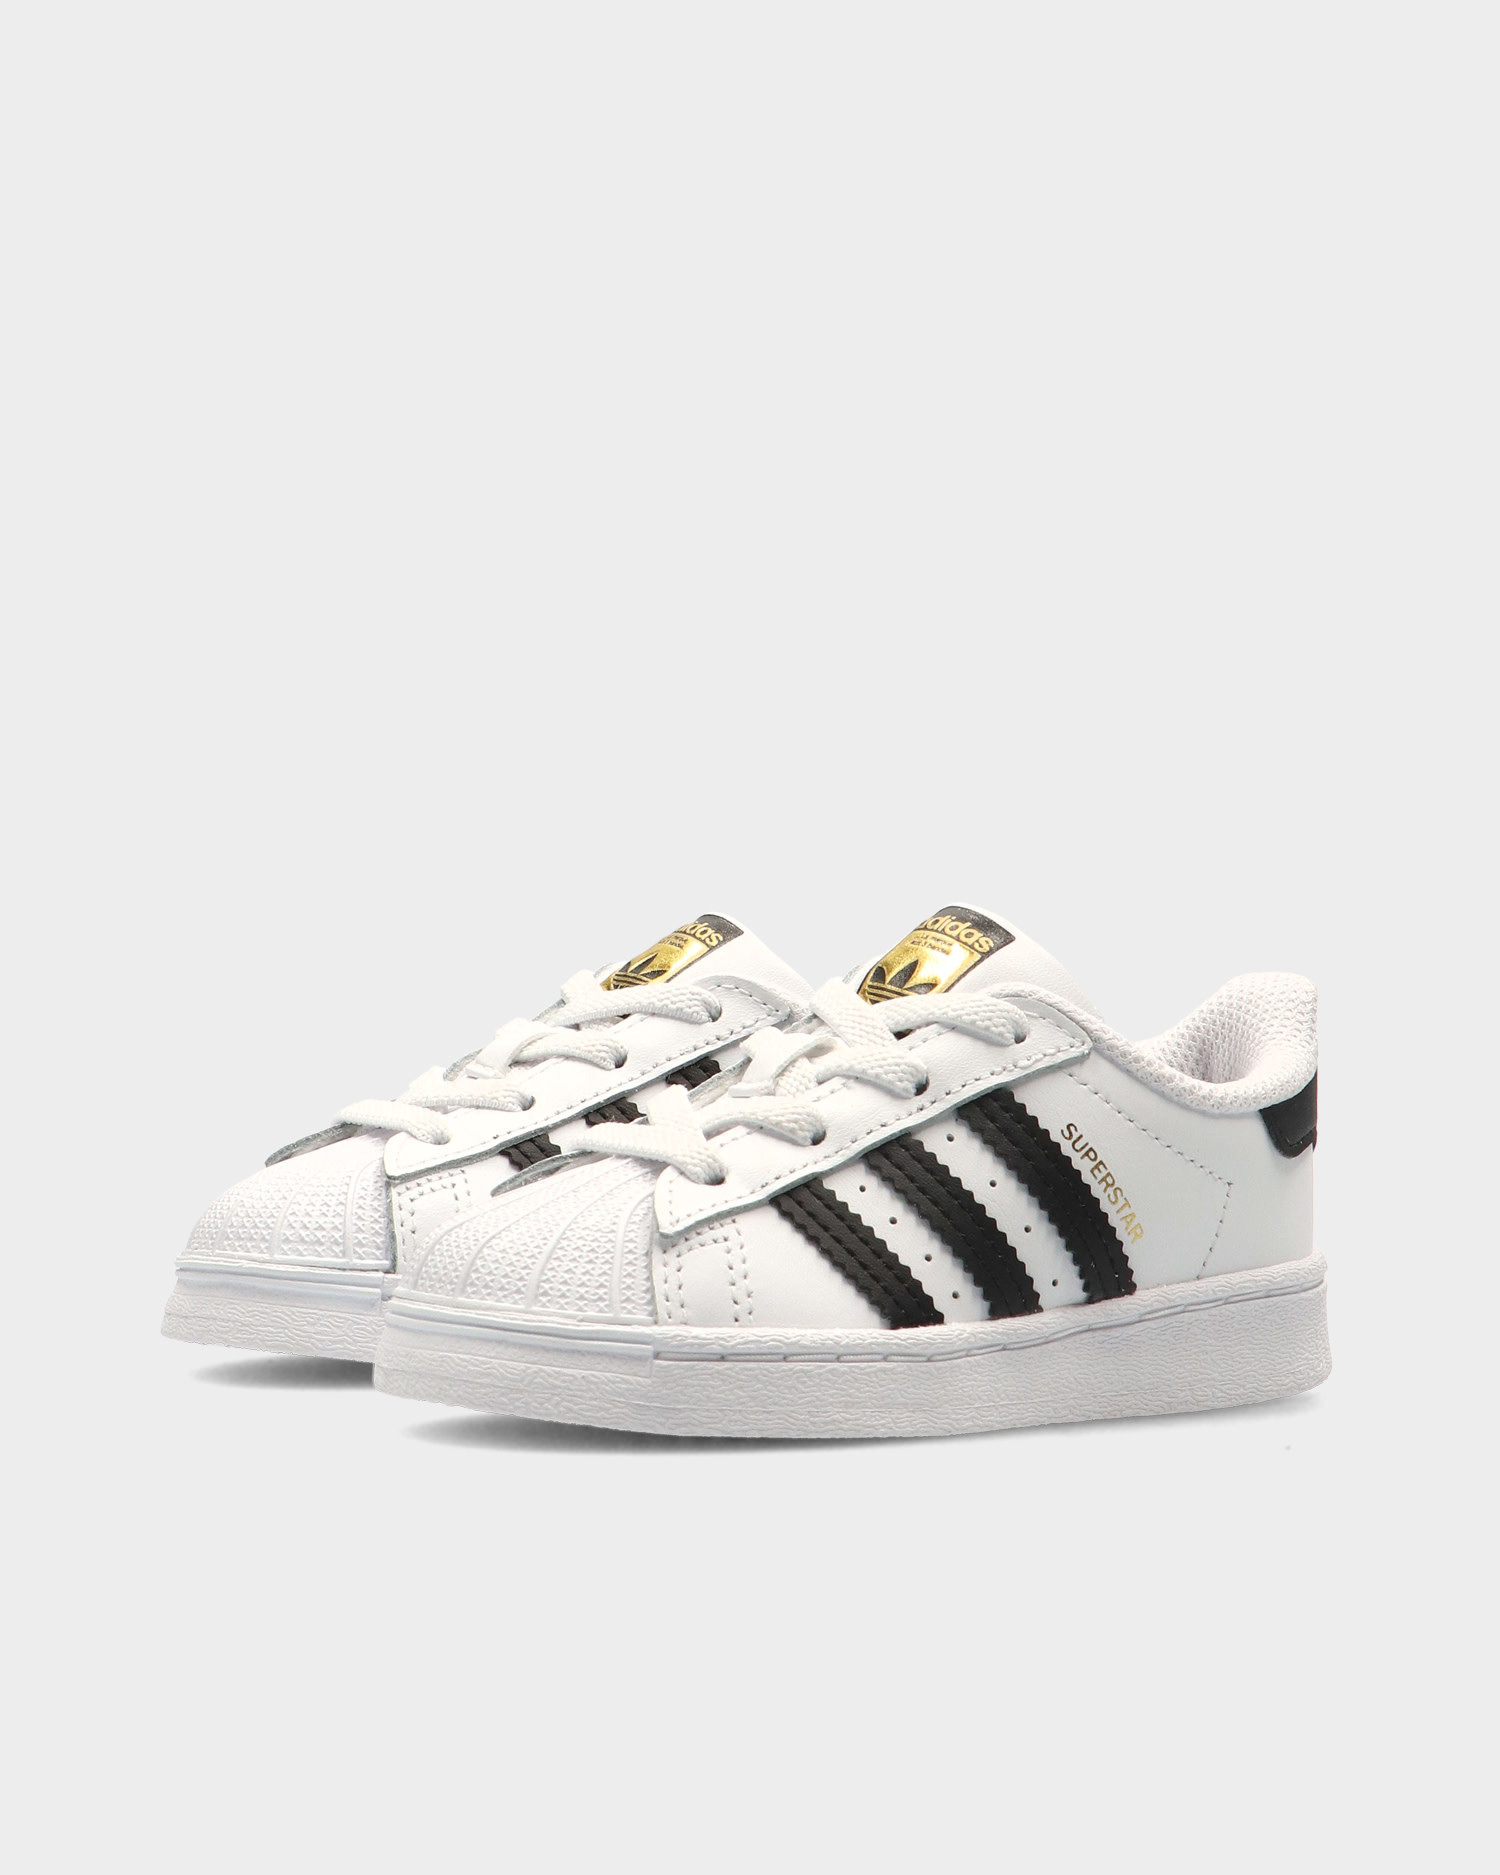 Adidas Superstar El I (toddler) Ftwwht/Cblack/Ftwwht